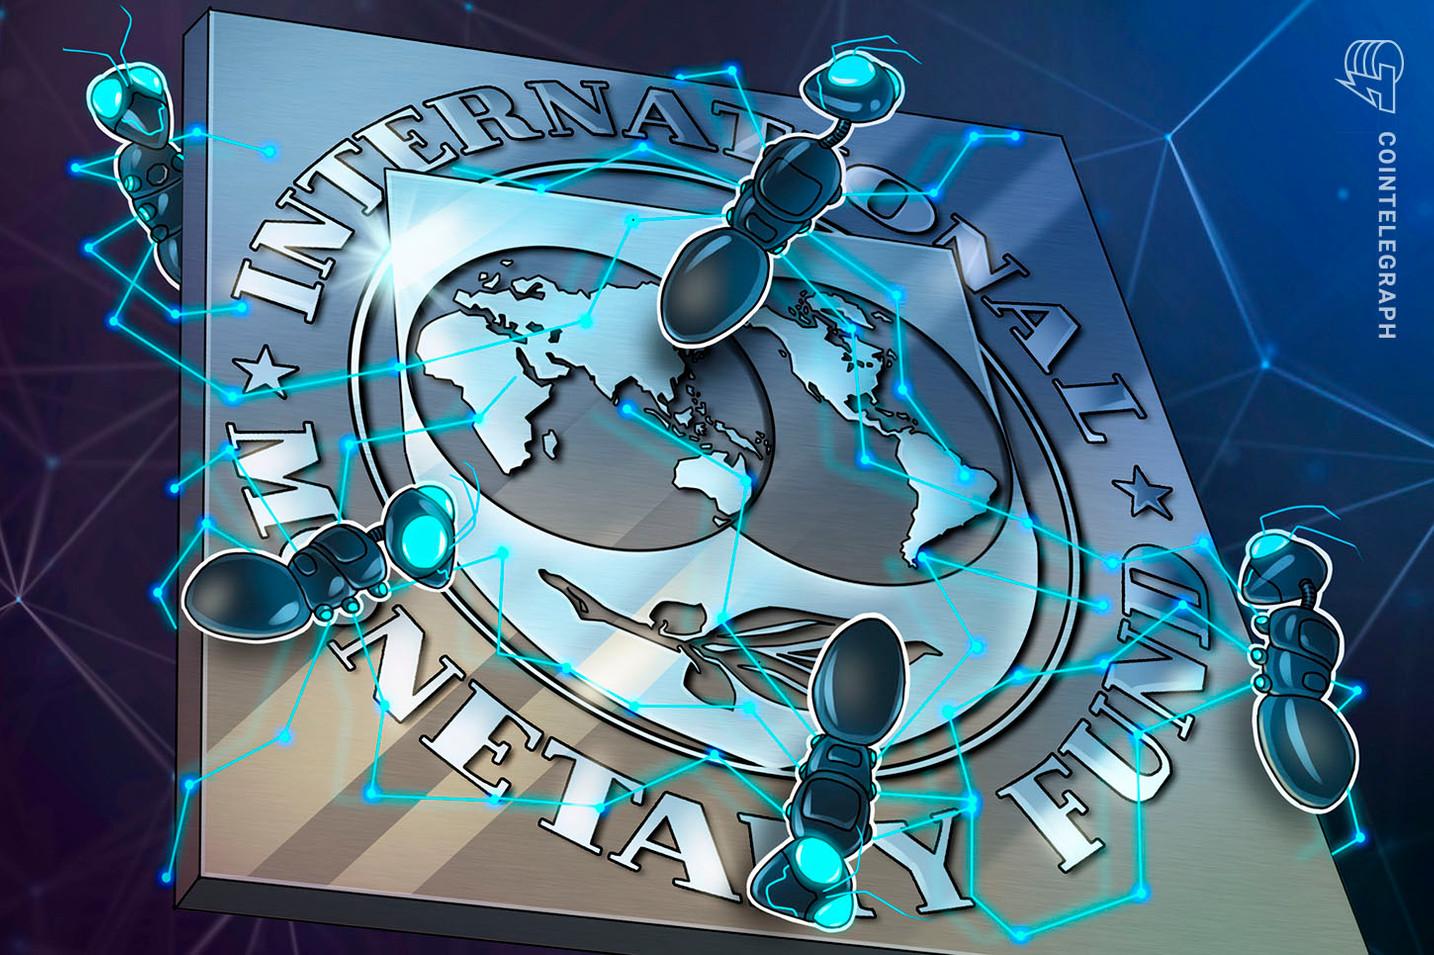 Per la stabilità finanziaria, il FMI raccomanda CBDC e standard globali per le criptovalute